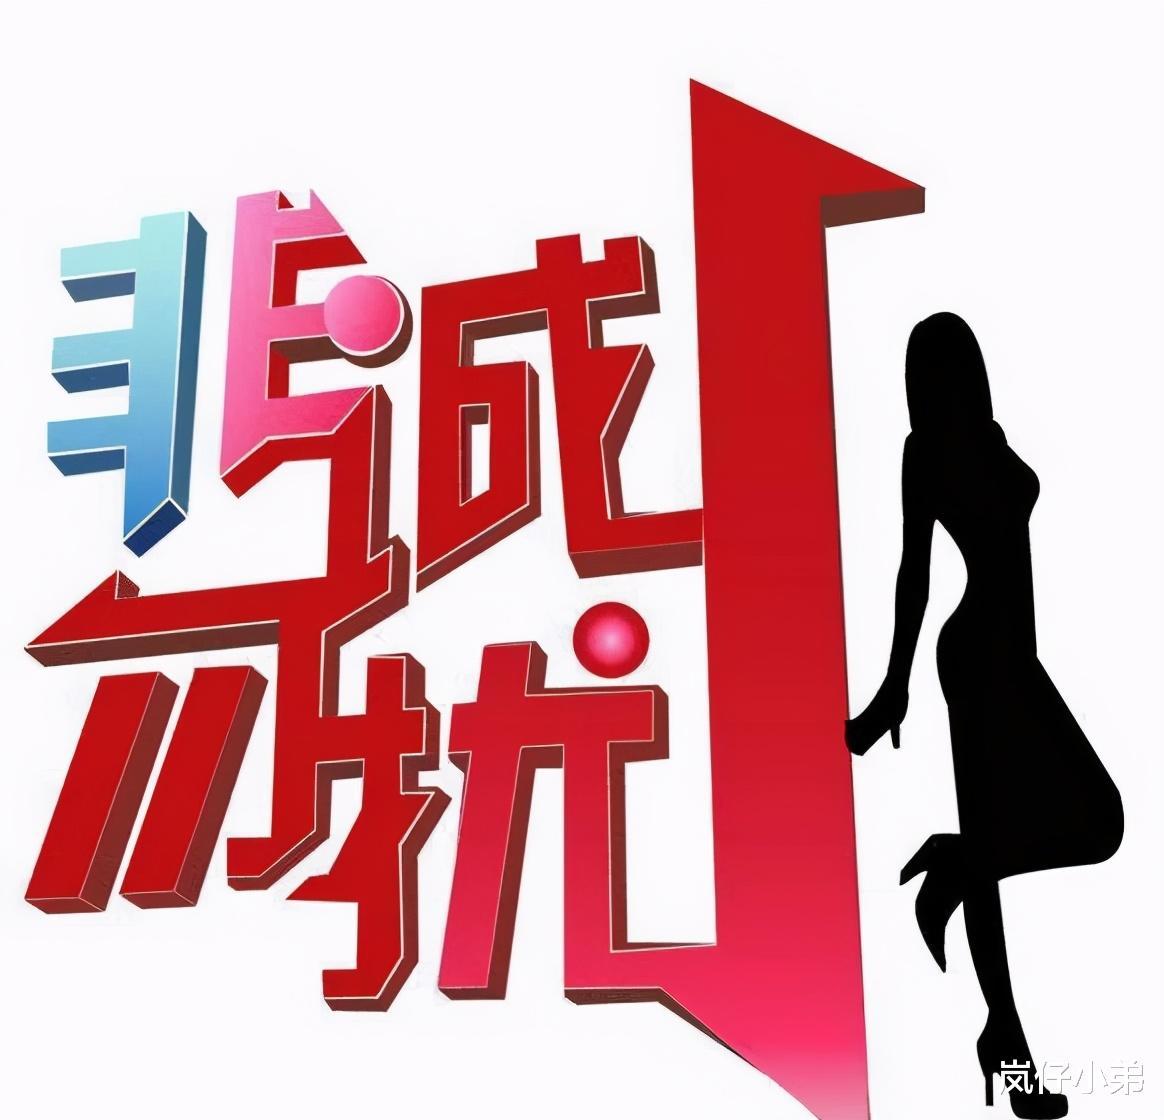 上周末綜藝收視率出爐, 《王牌6》徹底跌下神壇, 黑馬綜藝登頂奪冠!-圖6